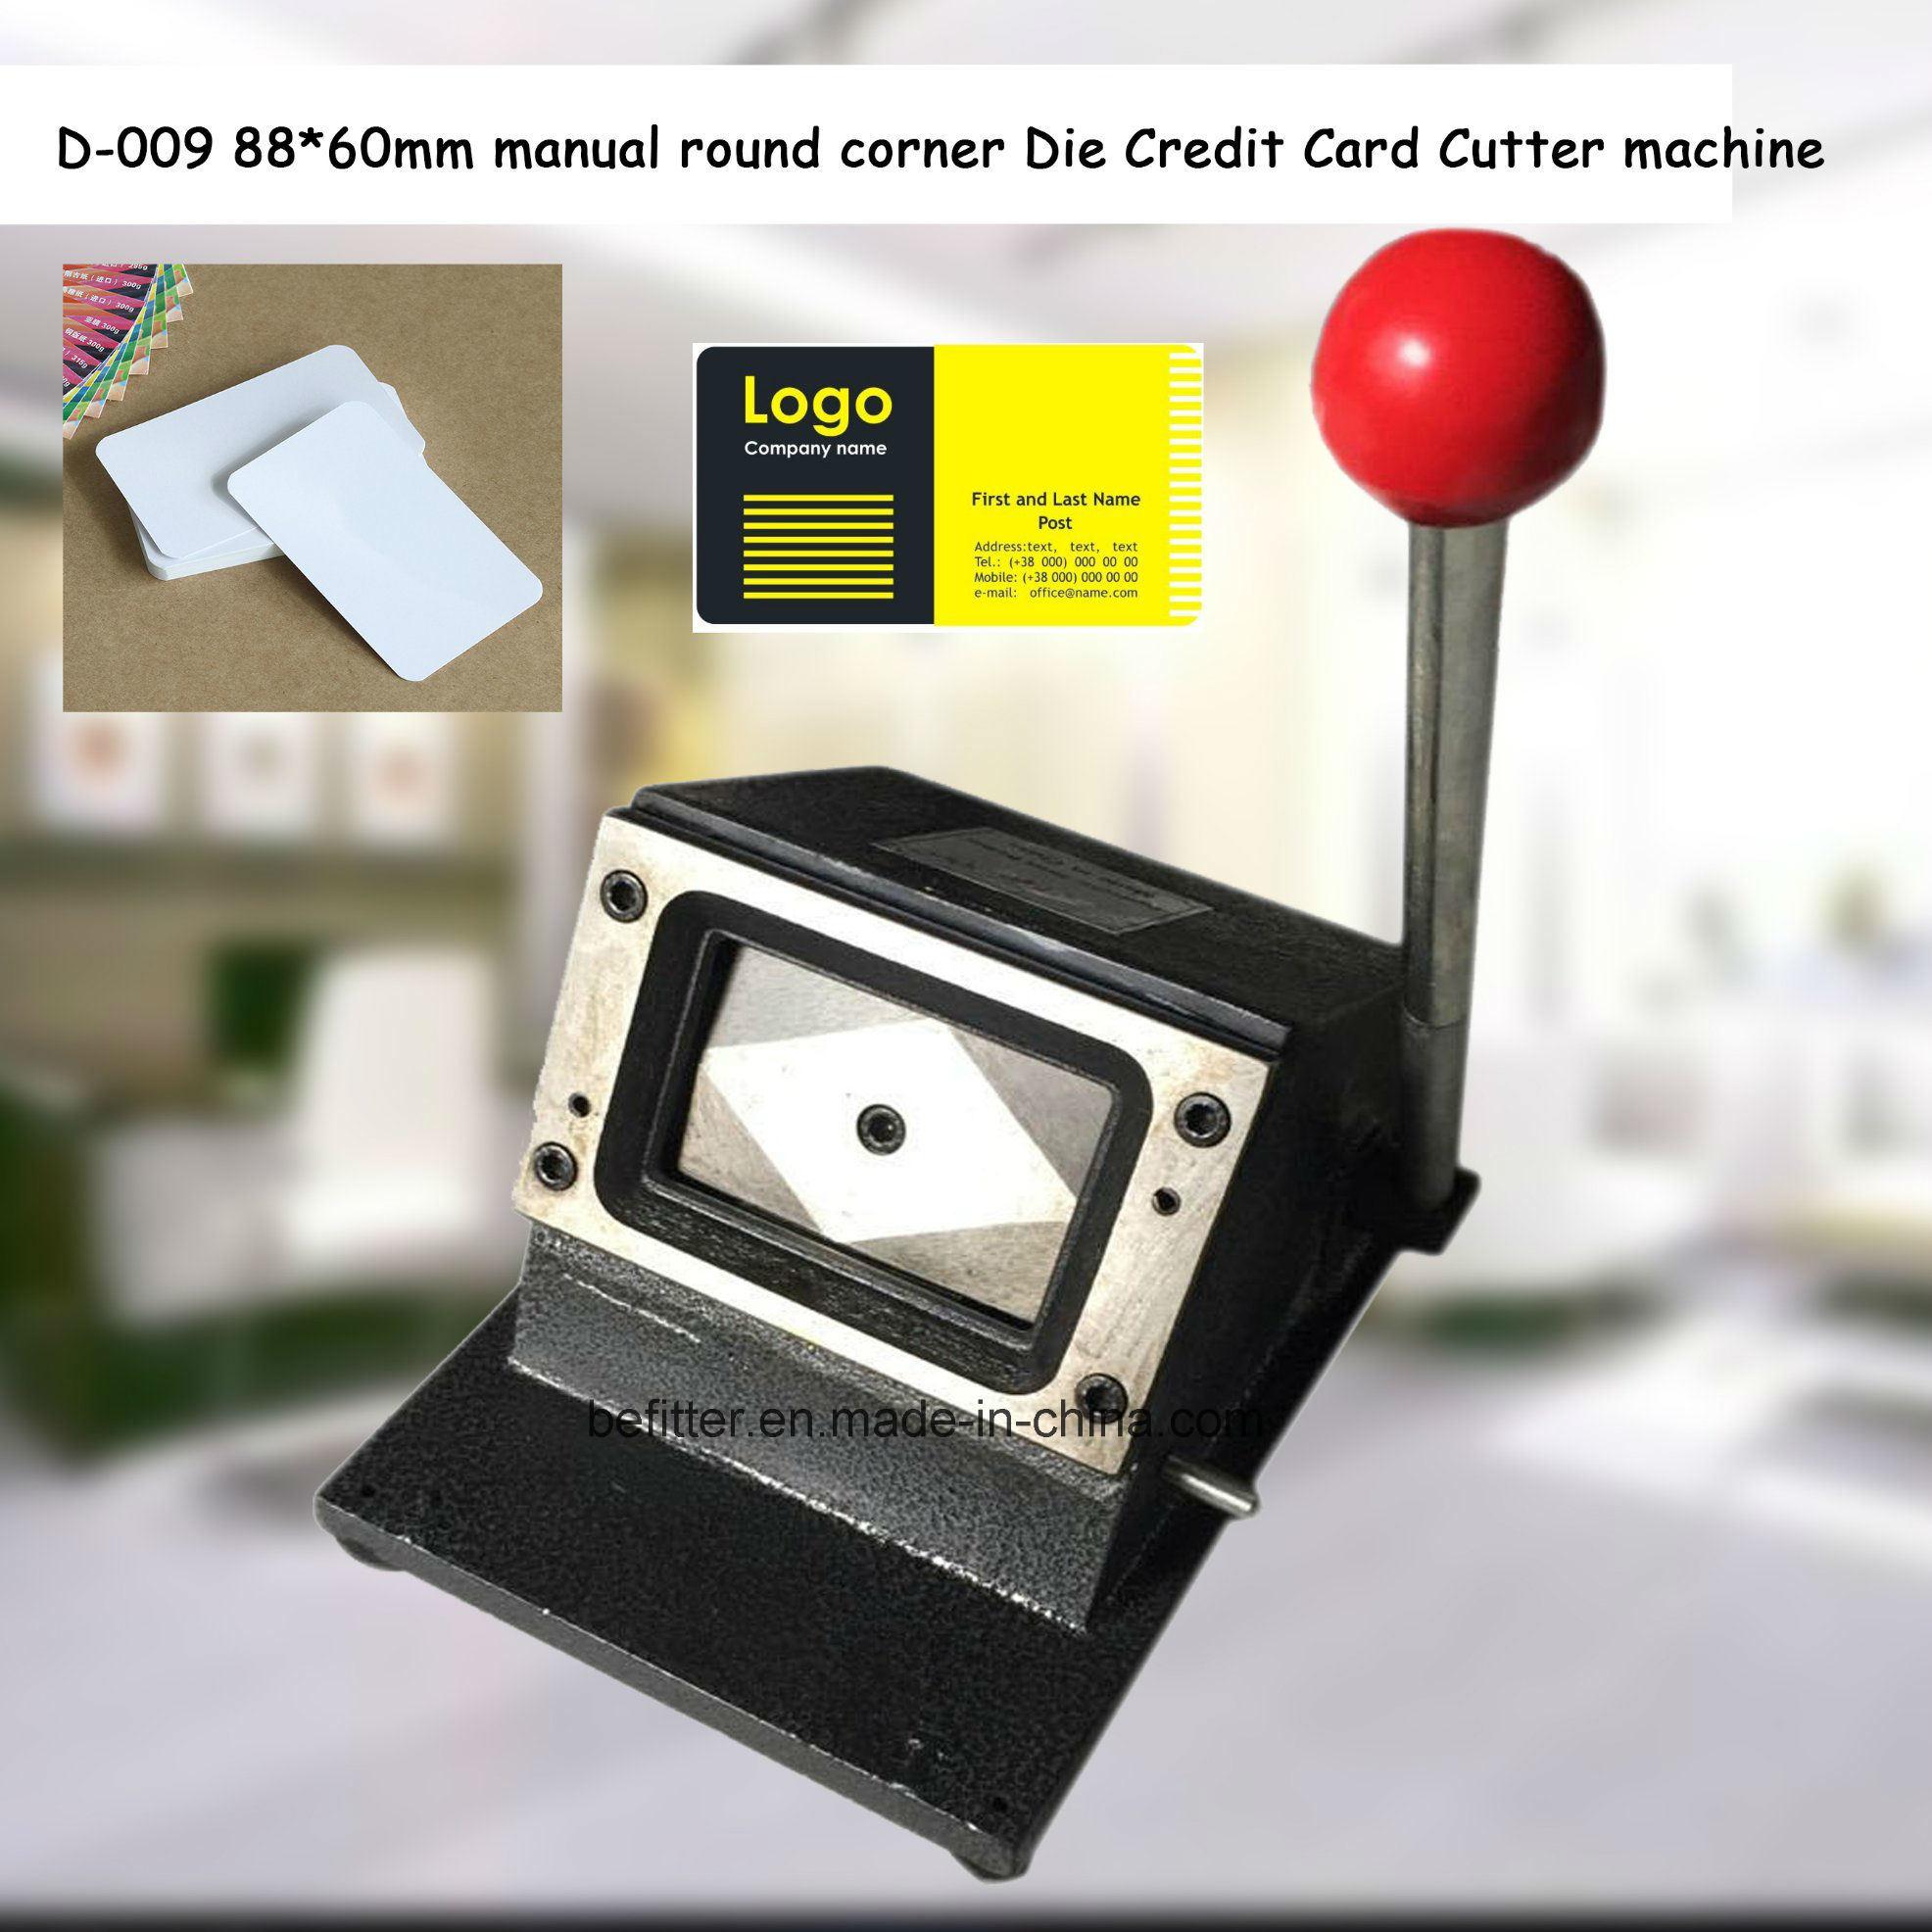 China D-009 88*60mm manual round corner Die Credit Card Cutter ...